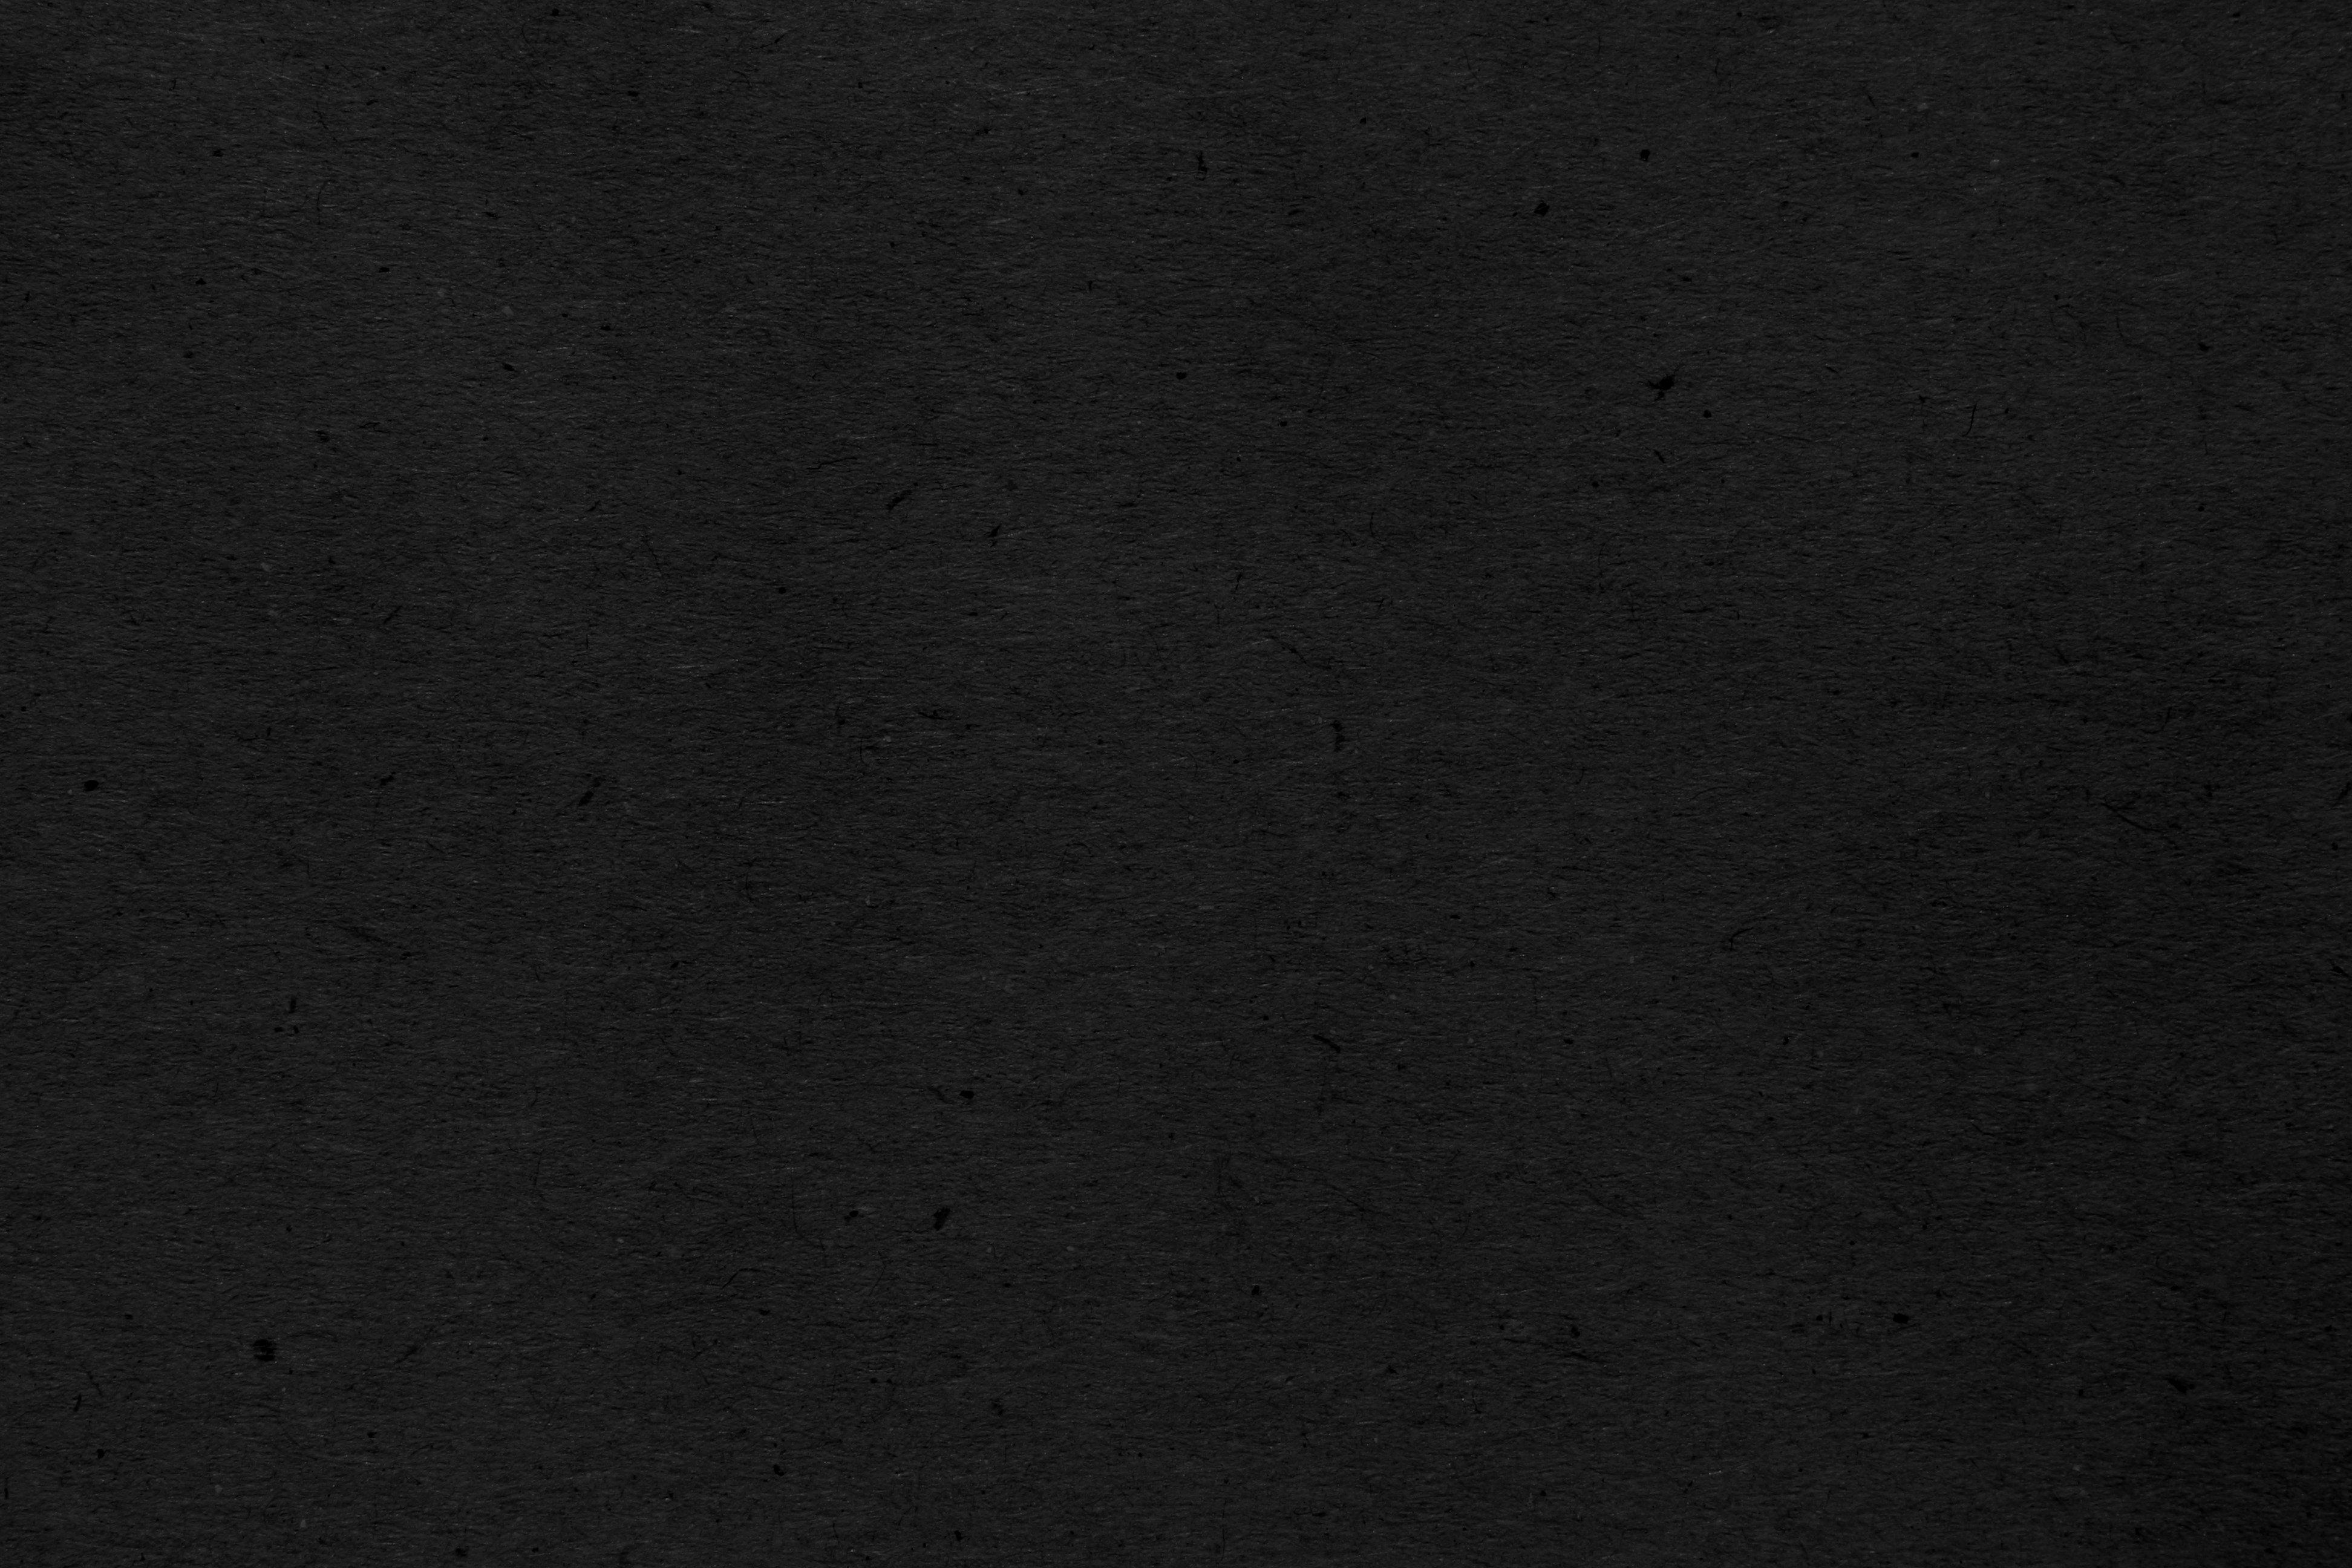 Dark Textures clipart black rubber Domain Public Paper Texture Picture